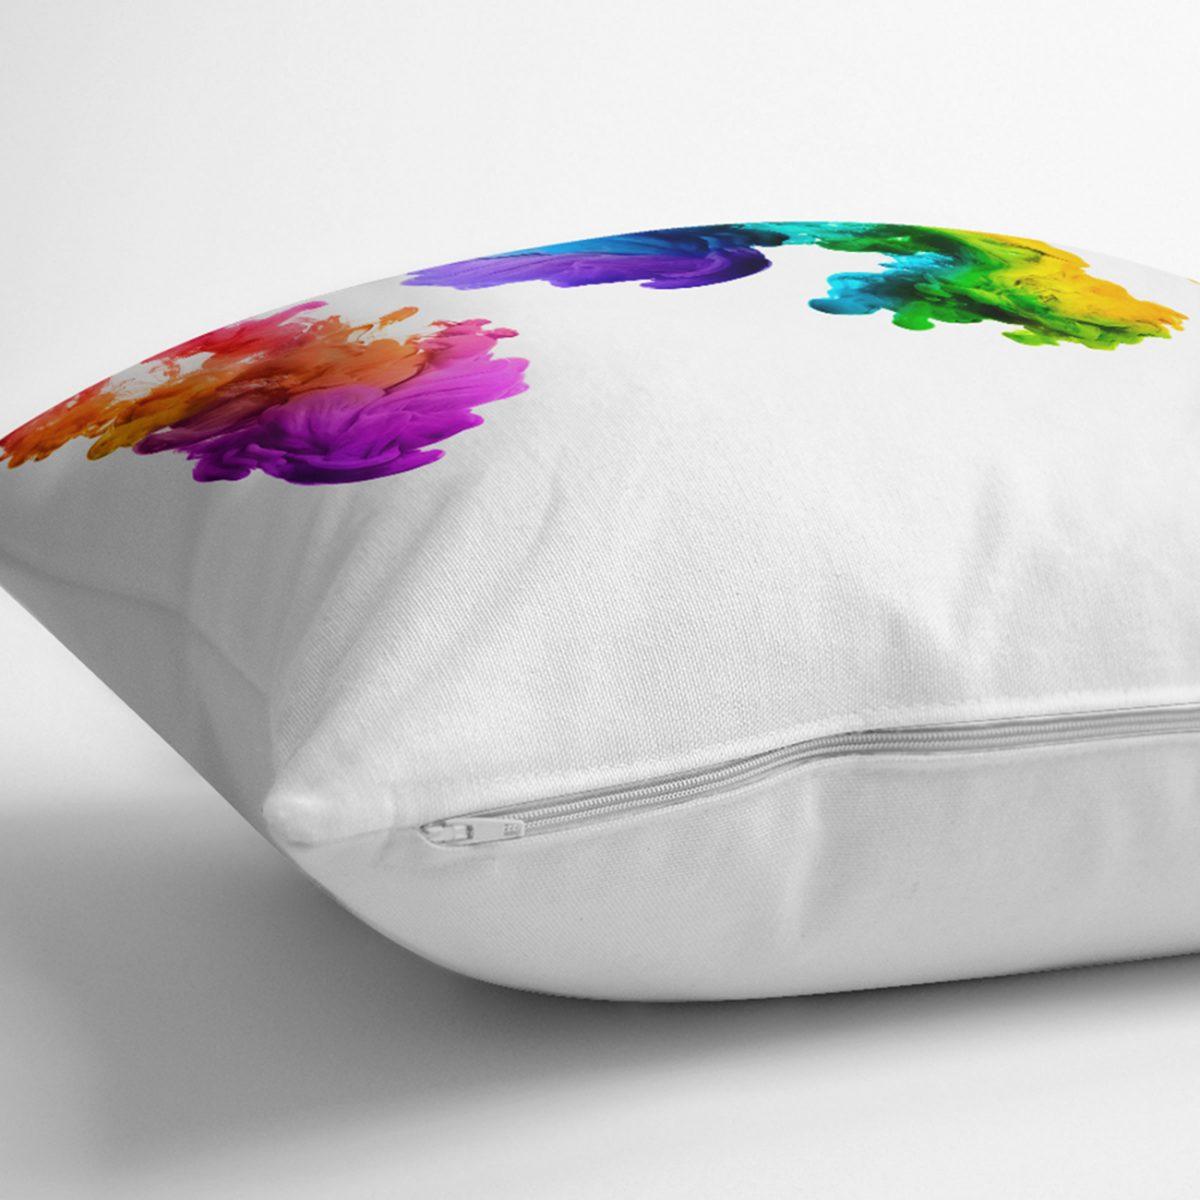 Renli Duman Dijital Baskılı Modern Yastık Kılıfı Realhomes